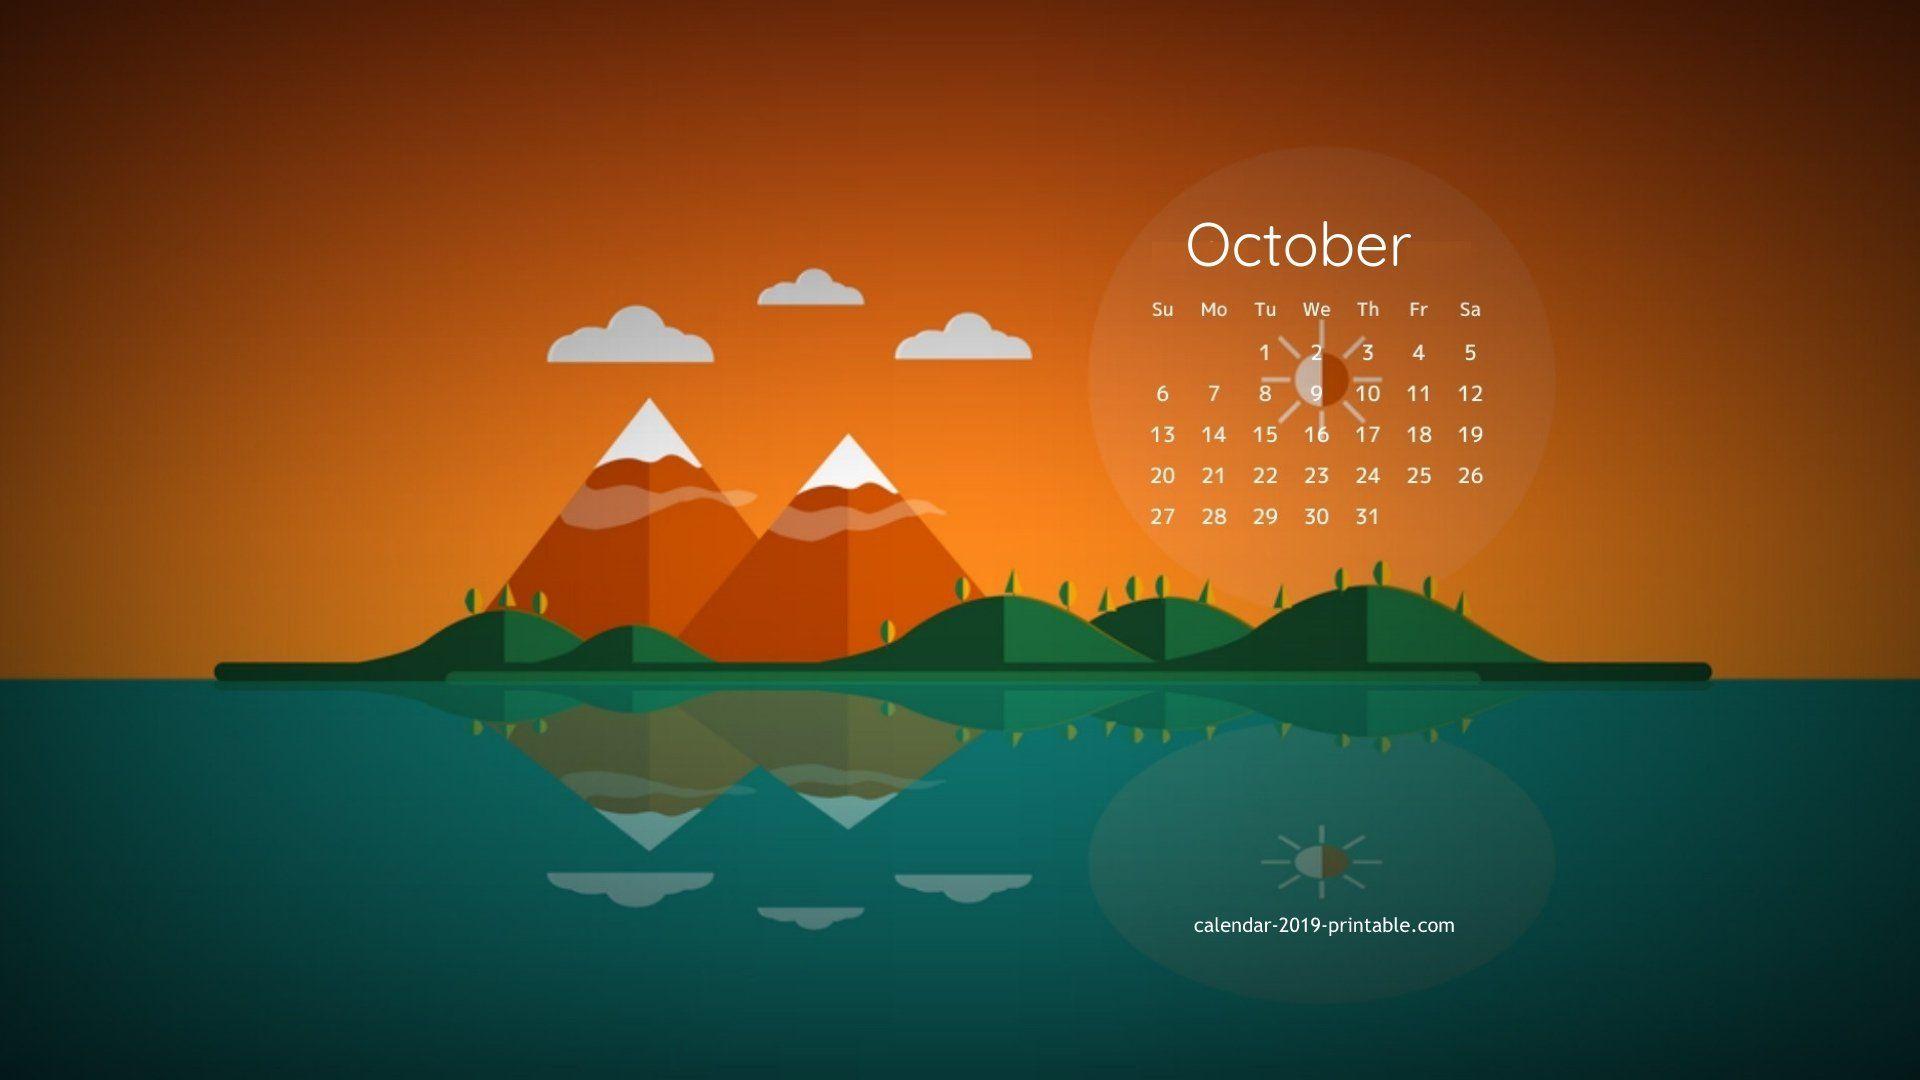 october 2019 calendar desktop wallpaper Calendar 2019 Wallpapers 1920x1080